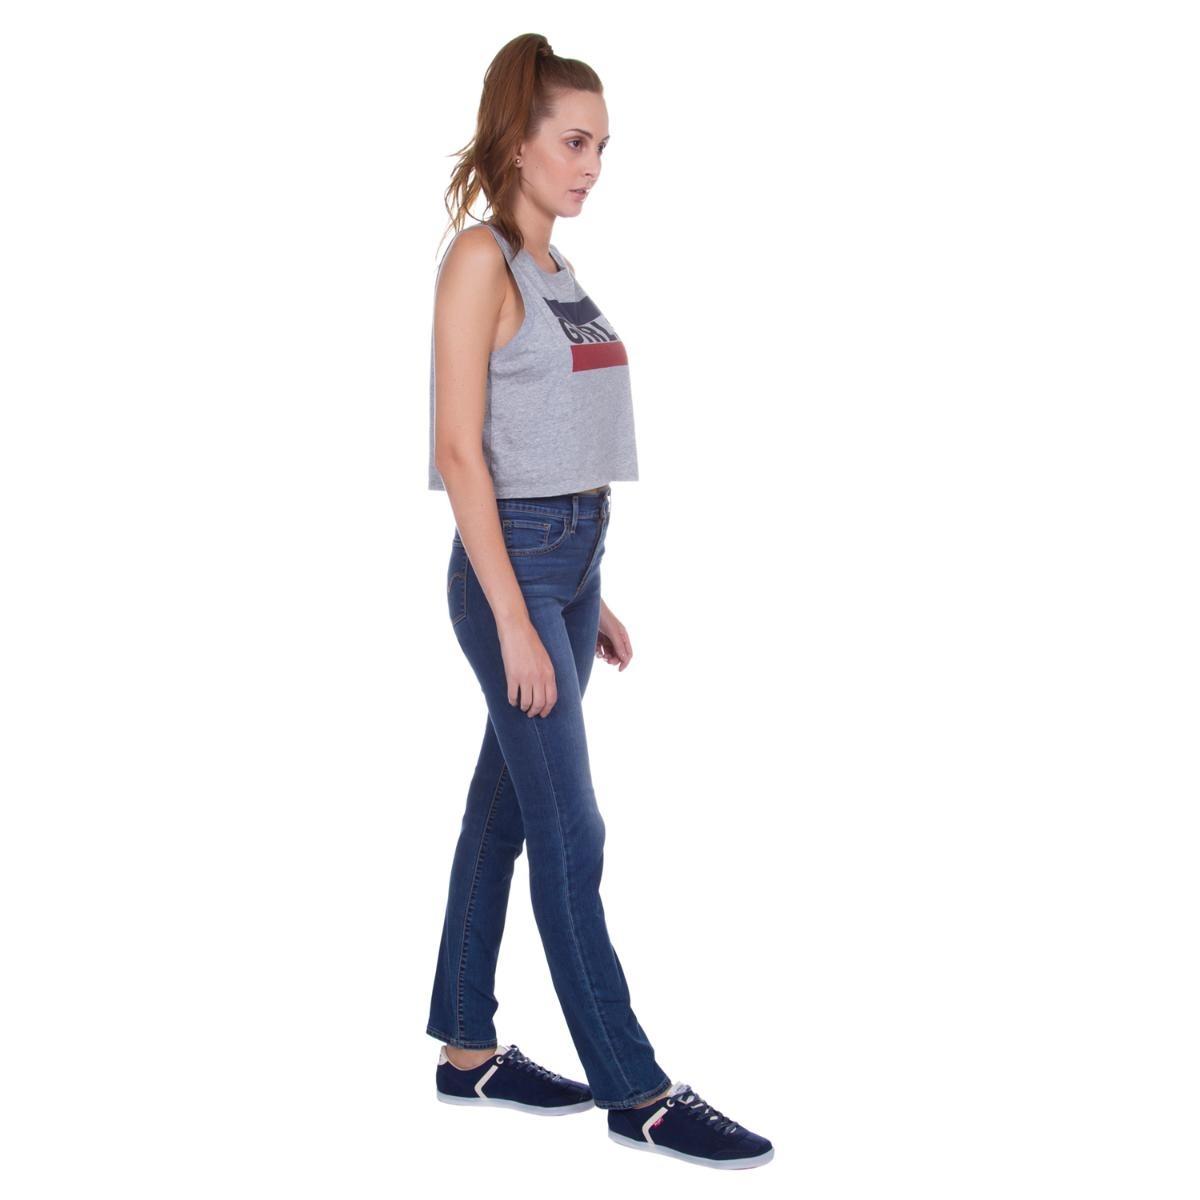 Carregando zoom... calça jeans levis feminina 724 high rise straight azul  média 52639023a5c